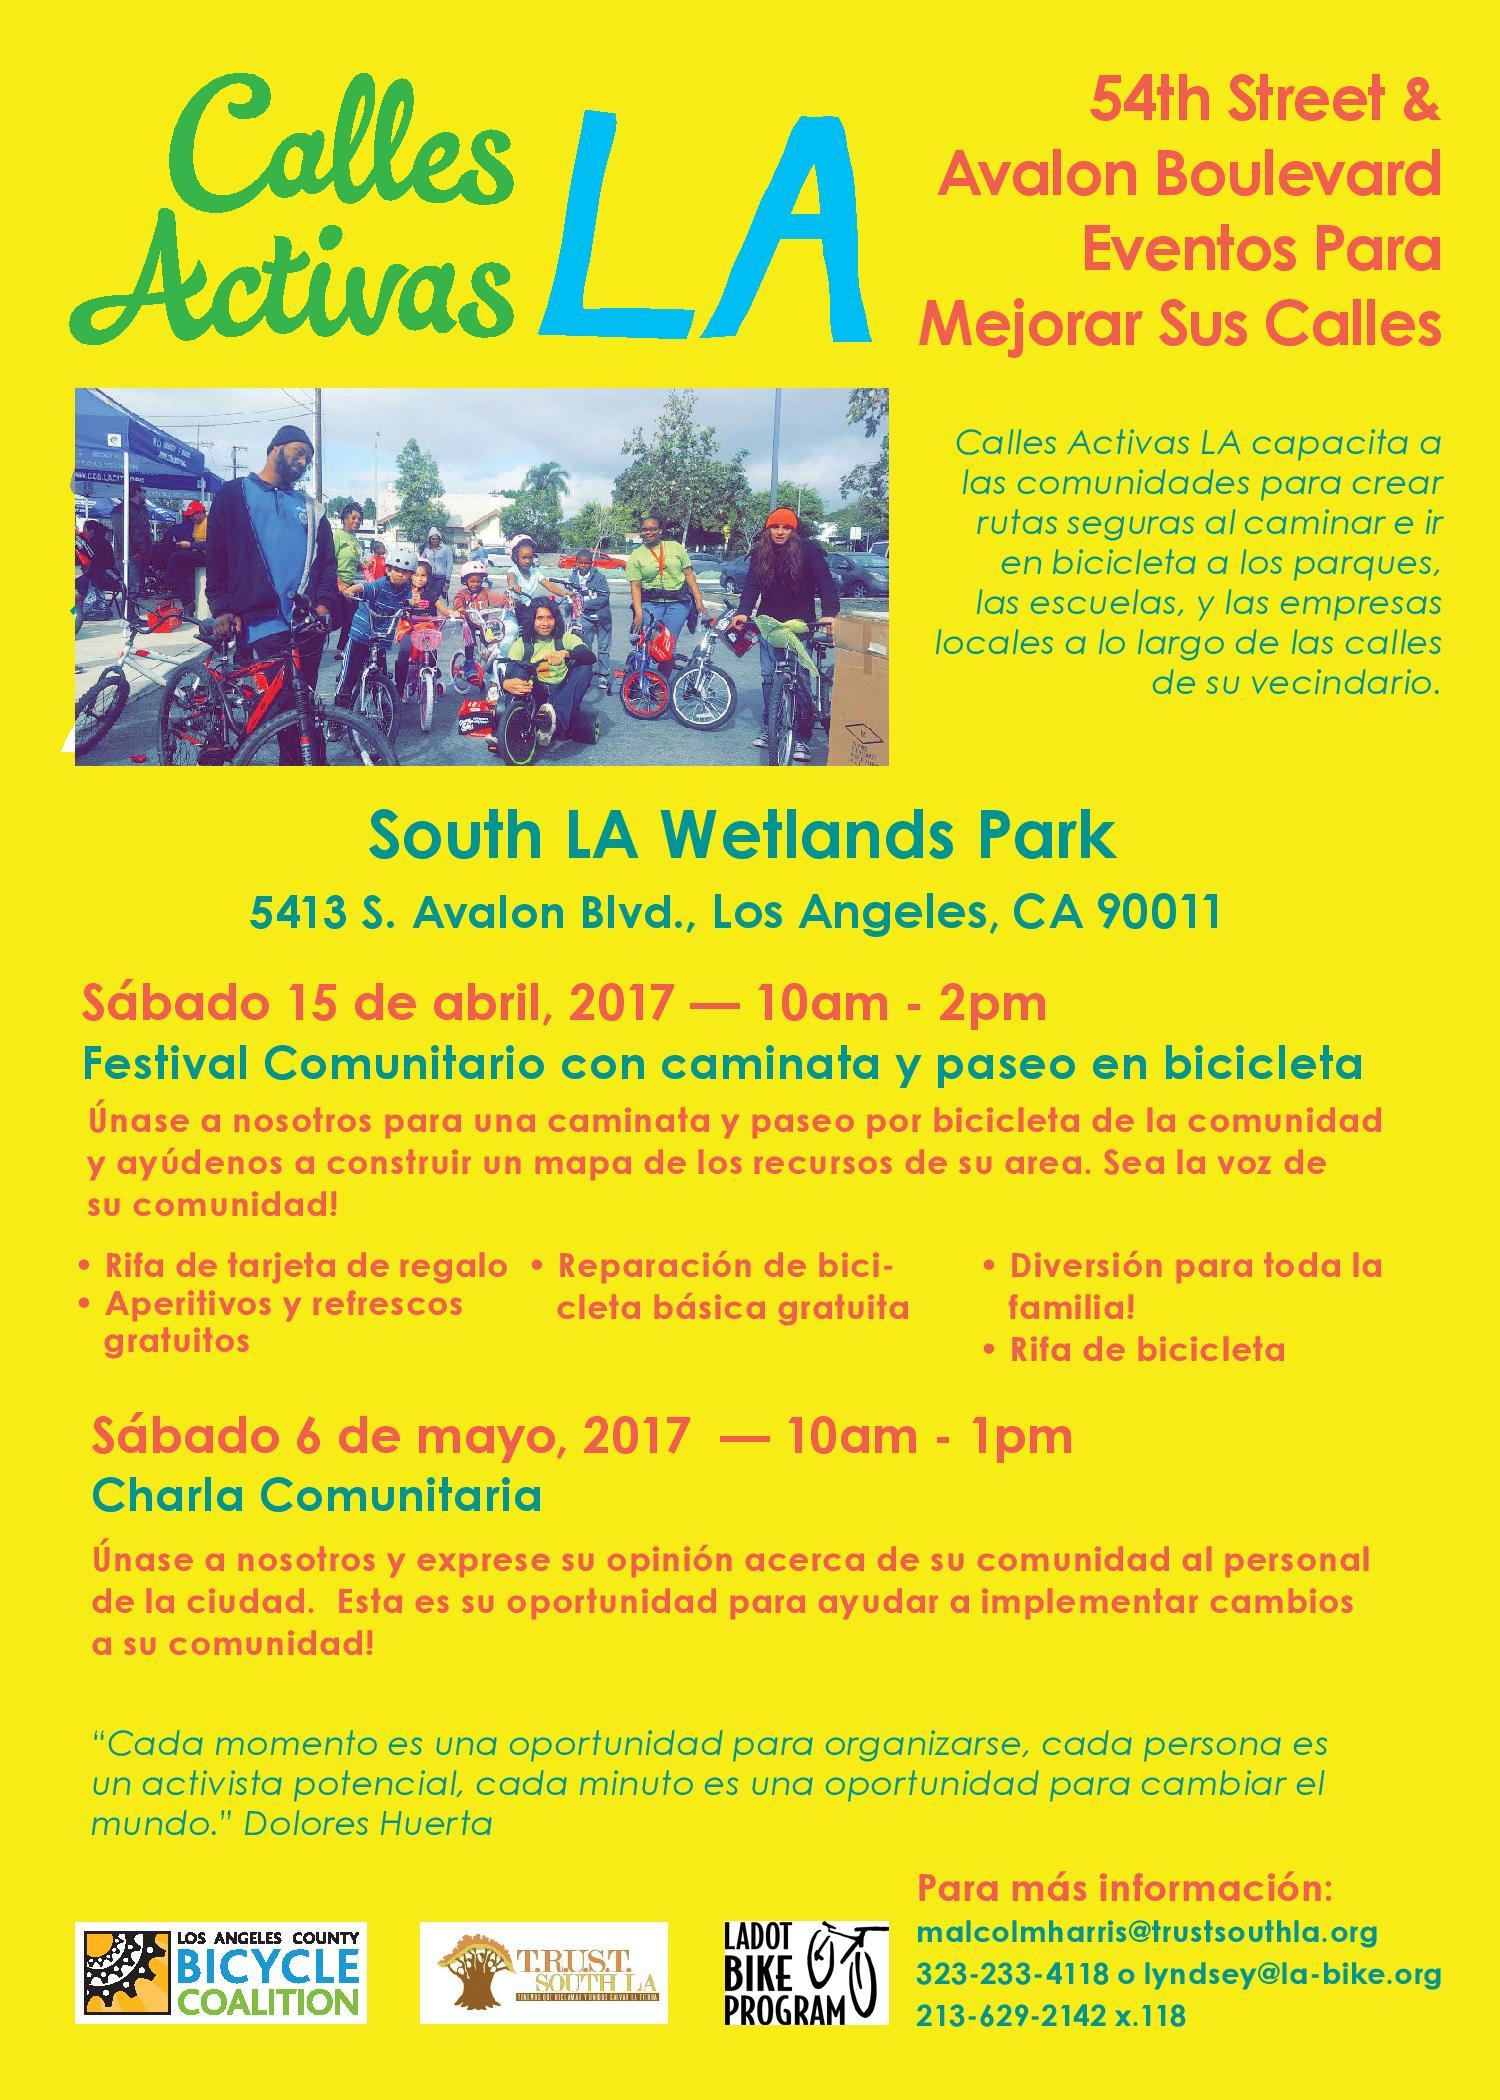 SLA_Wetlands_5x7_postcard_v2-page-002.jpg